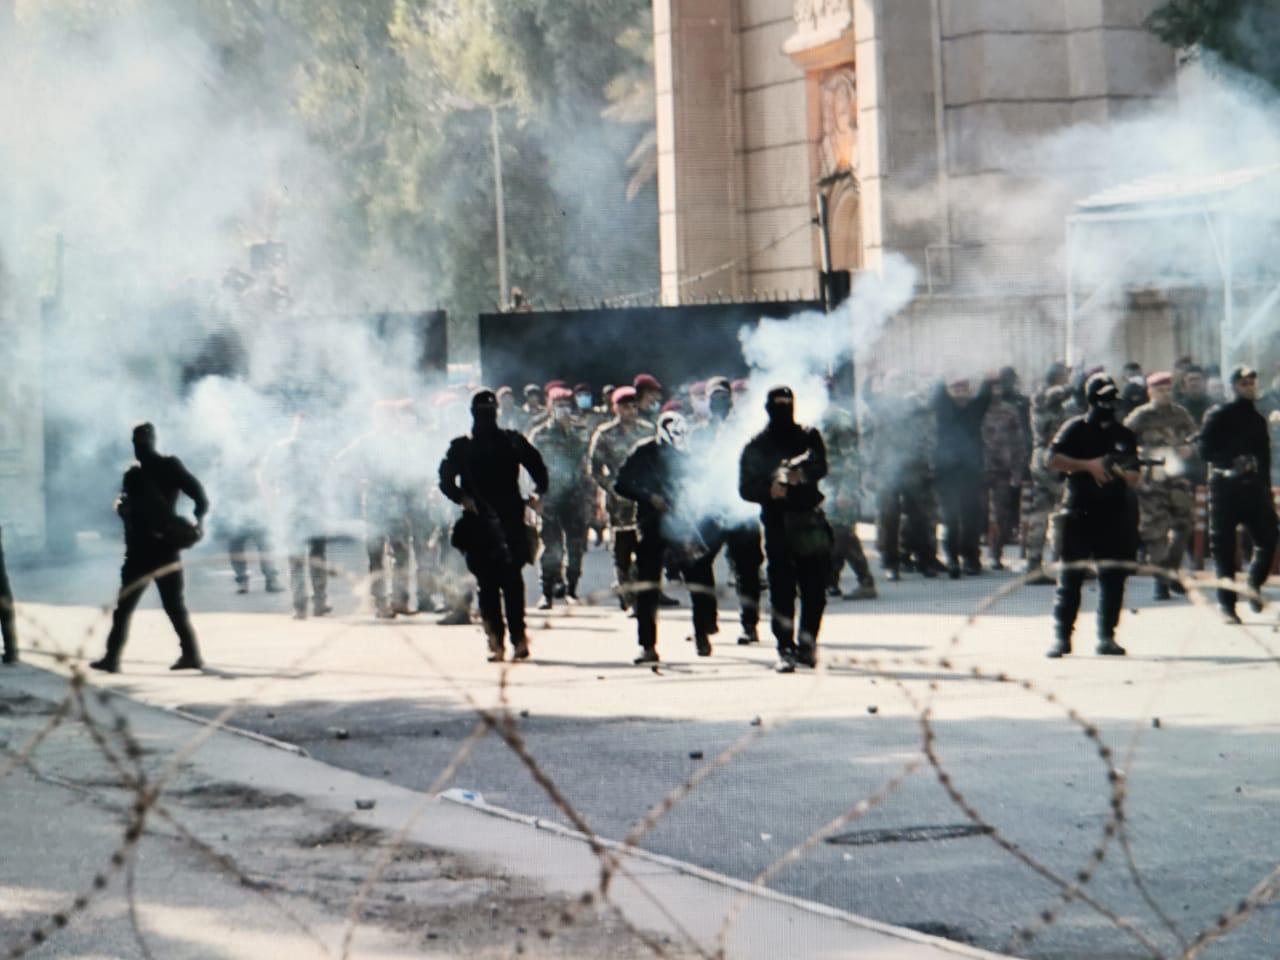 مفوضية حقوق الانسان: مقتل 74 متظاهرا وتضرر 90 مبنى حكومي وحزبي بثلاثة ايام